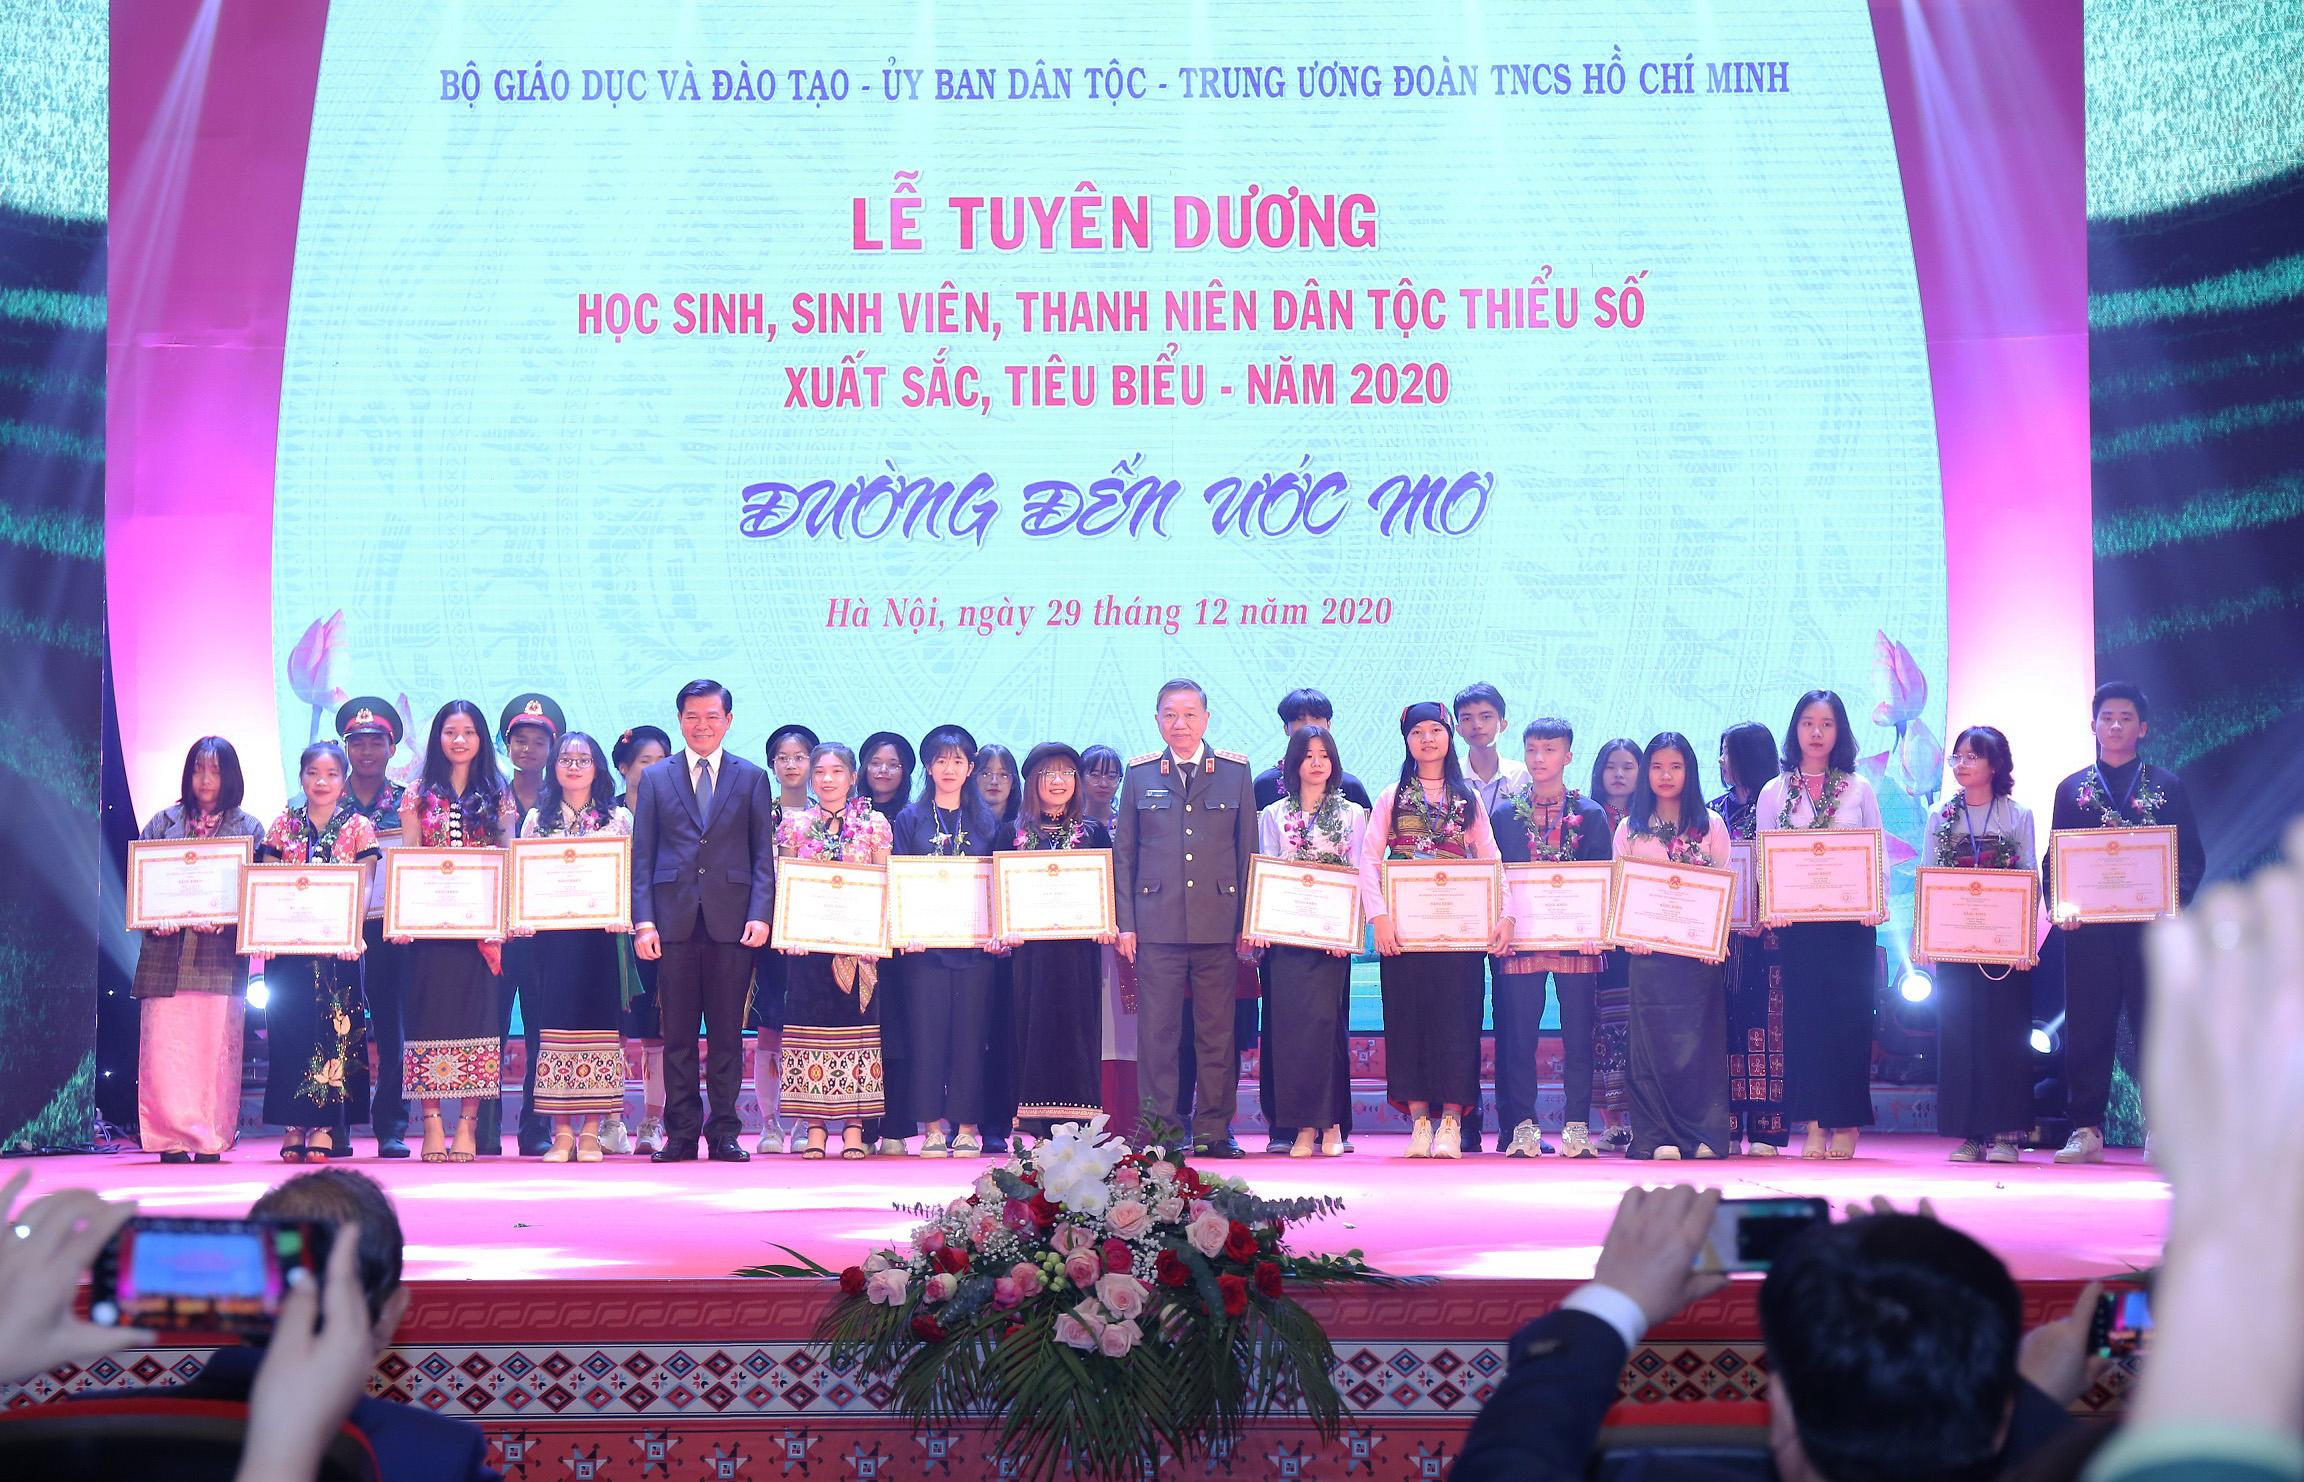 Đại tướng Tô Lâm, Bộ trưởng Bộ Công an và ông Nguyễn Hồng Lĩnh, Phó Trưởng Ban Dân vận Trung ương trao Bằng khen cho các em trúng tuyển Đại học với số điểm xuất sắc